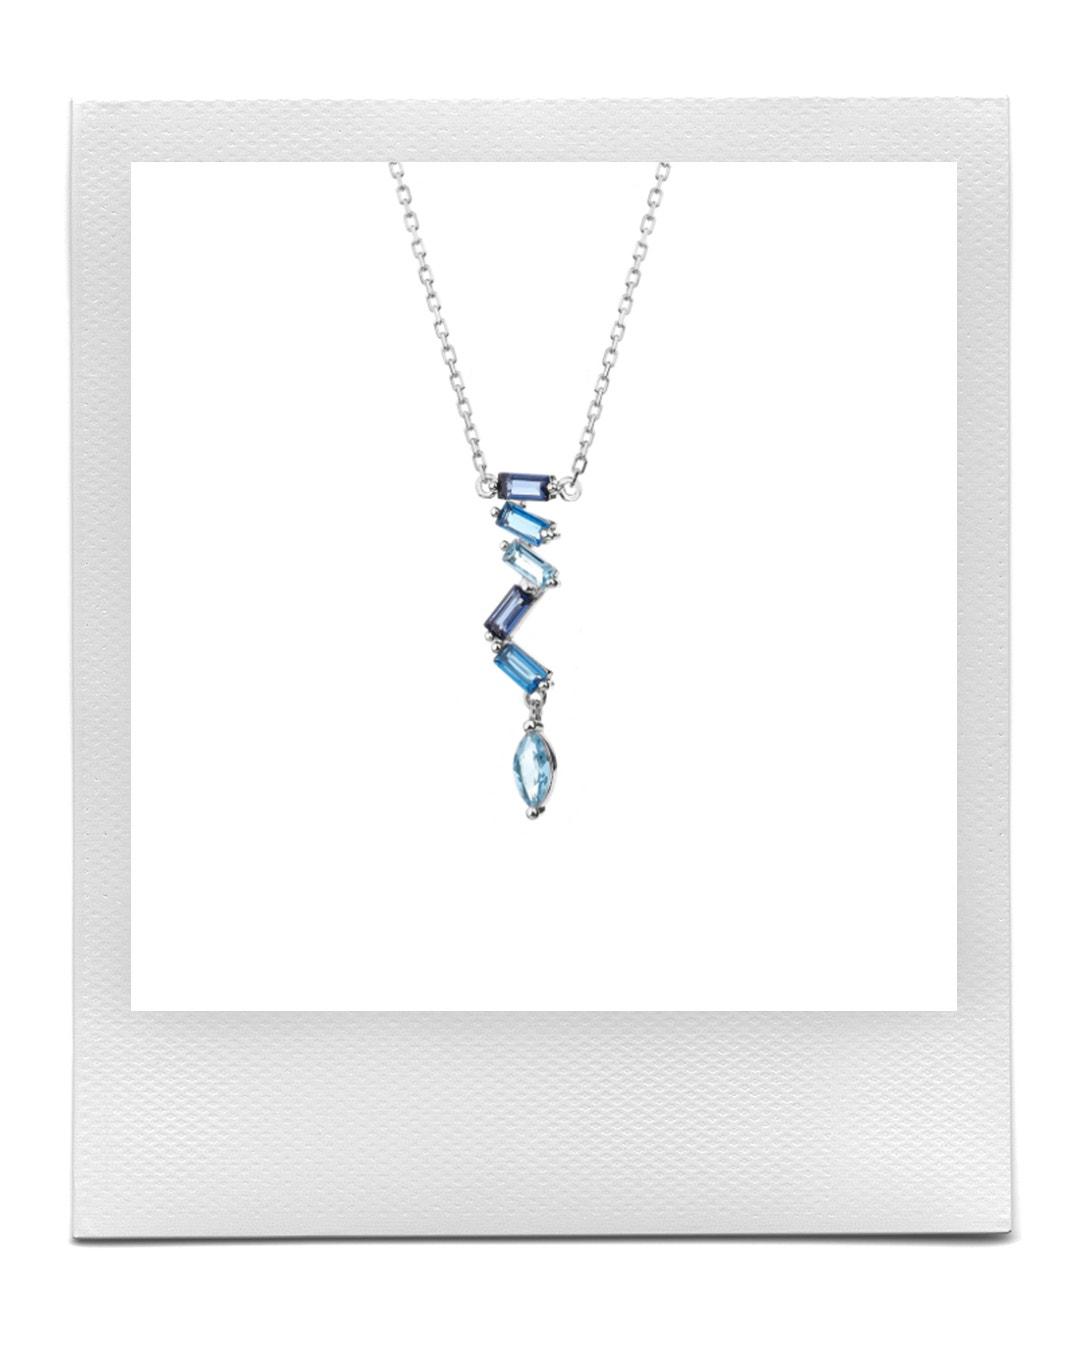 Stříbrný náhrdelník se zirkony, Apart  prodává Apart, 1 279 Kč